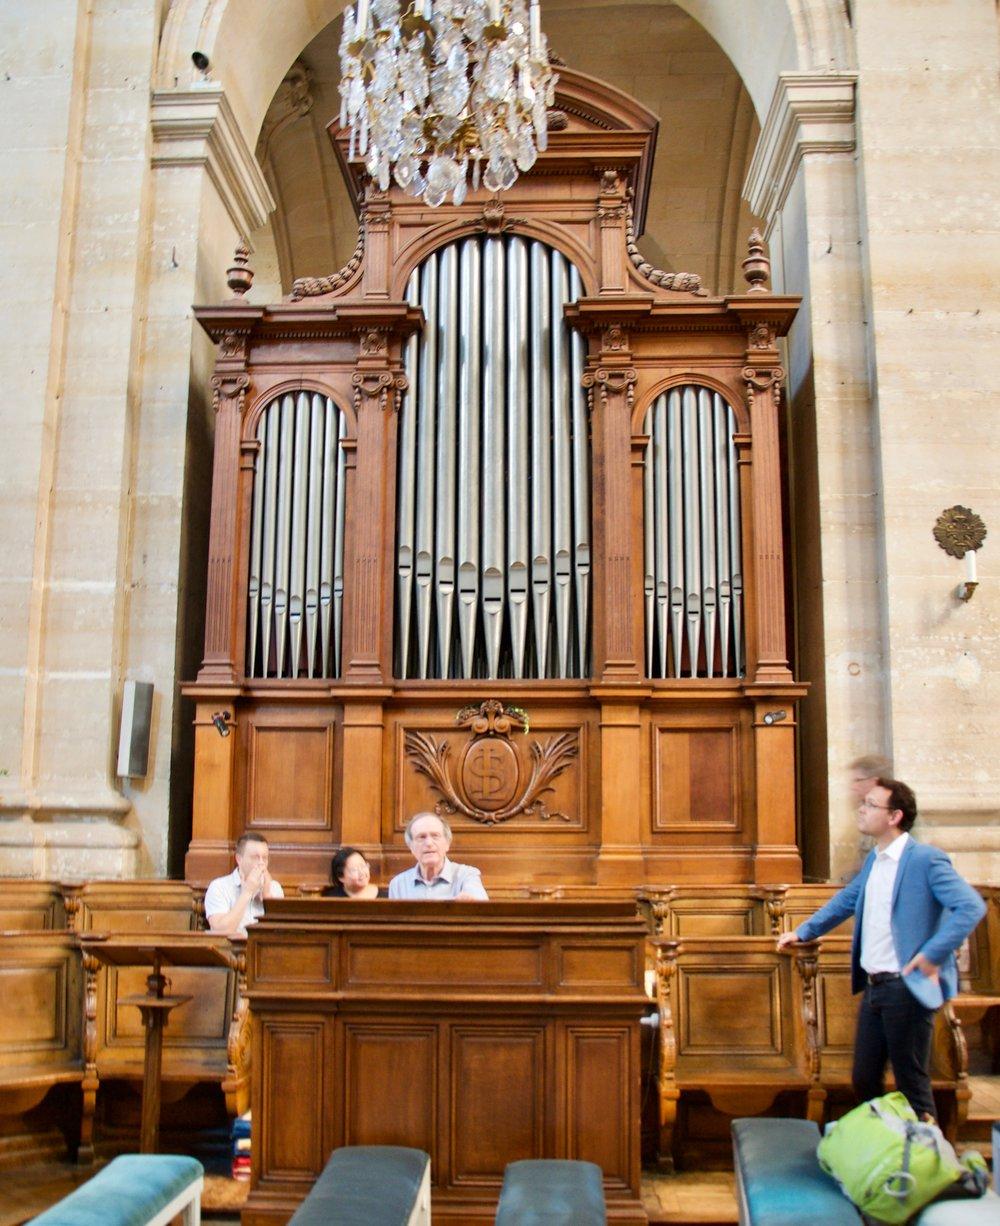 Cavaillé-Coll Choir Organ at the Cathédrale of Saint Louis in Versailles